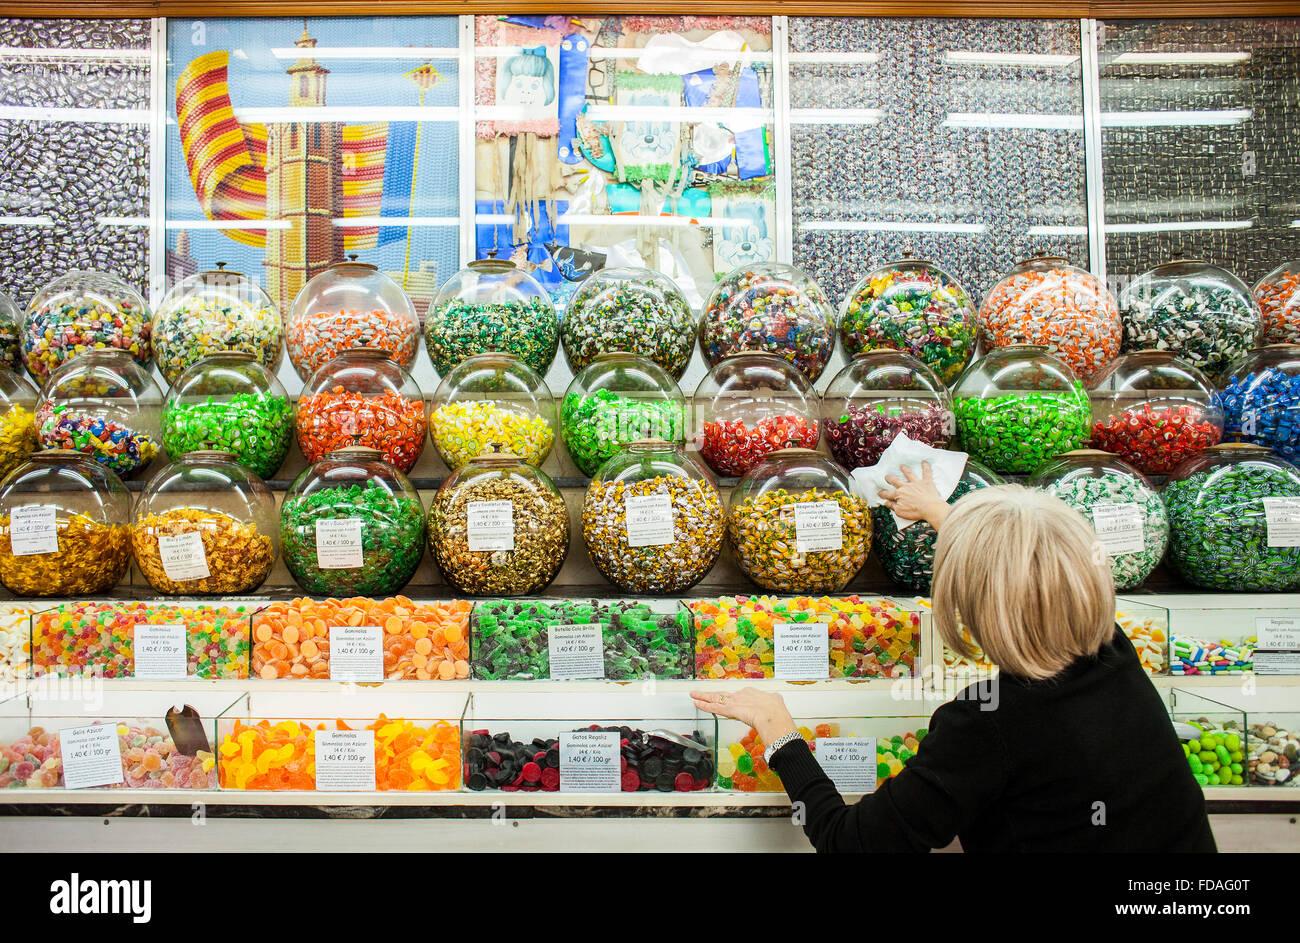 La casa de los dulces candy shop 4 muro de santa ana stock photo 94274456 alamy - Casa de los caramelos valencia ...